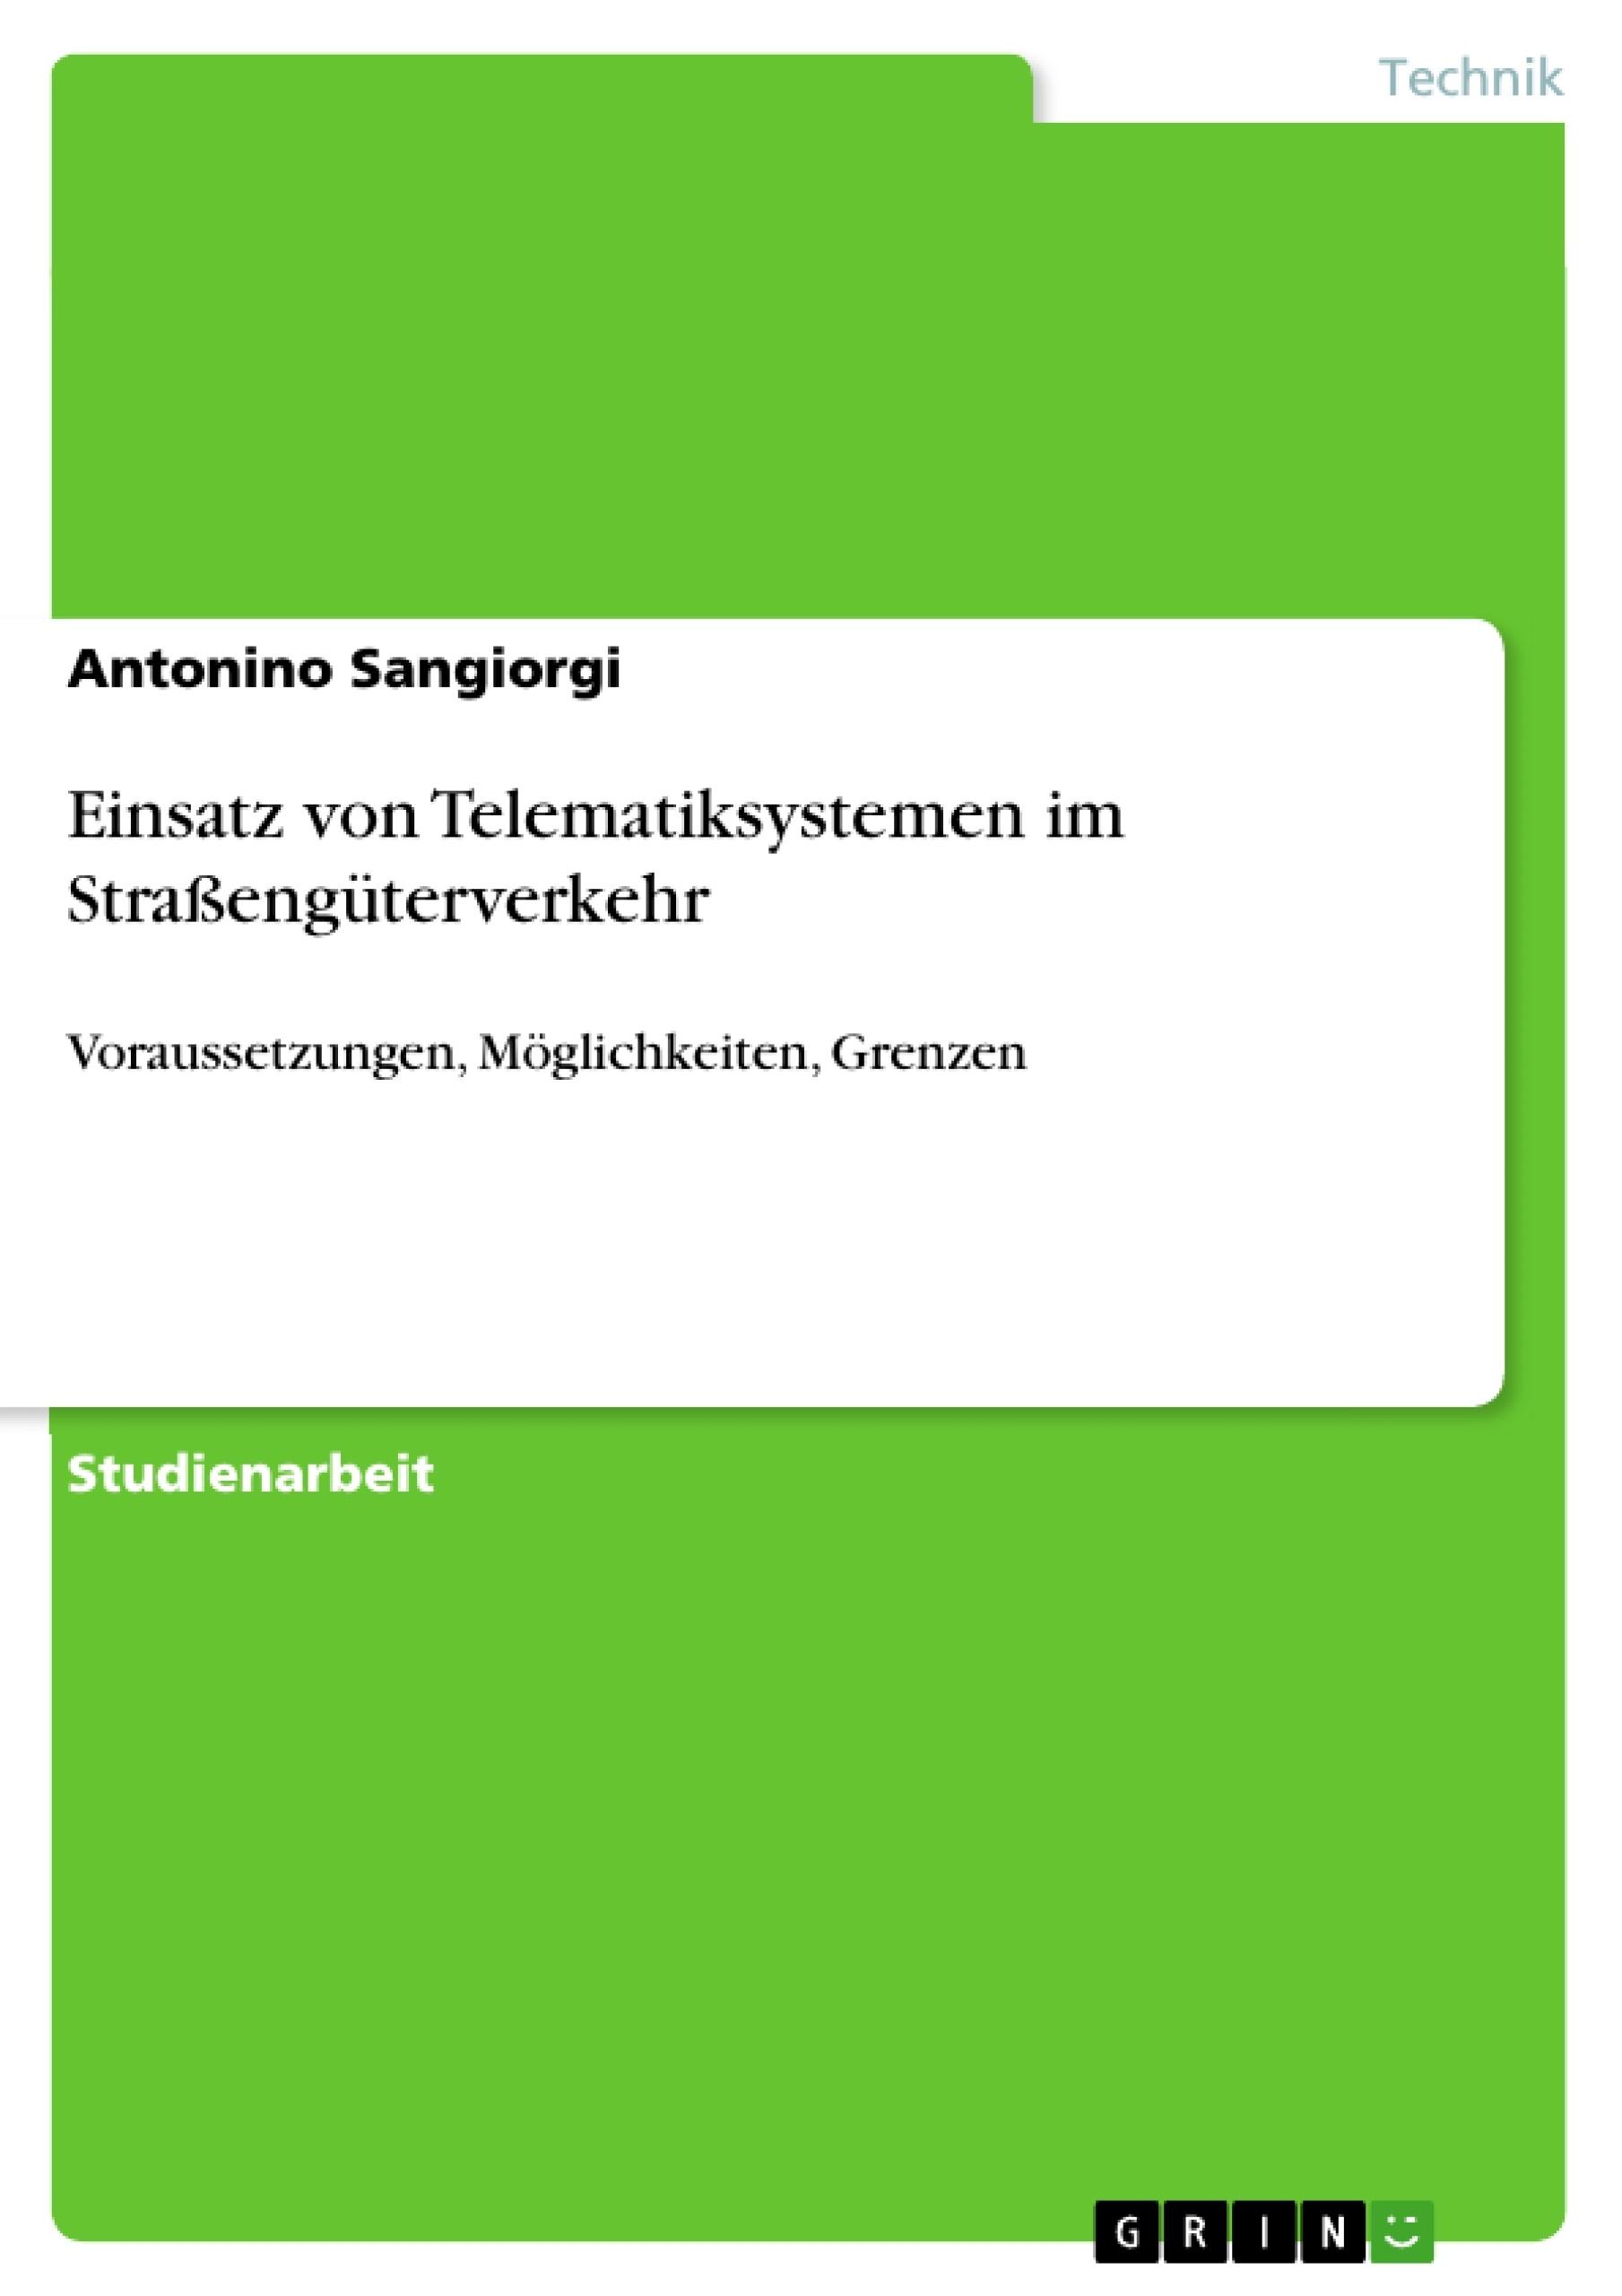 Titel: Einsatz von Telematiksystemen im Straßengüterverkehr